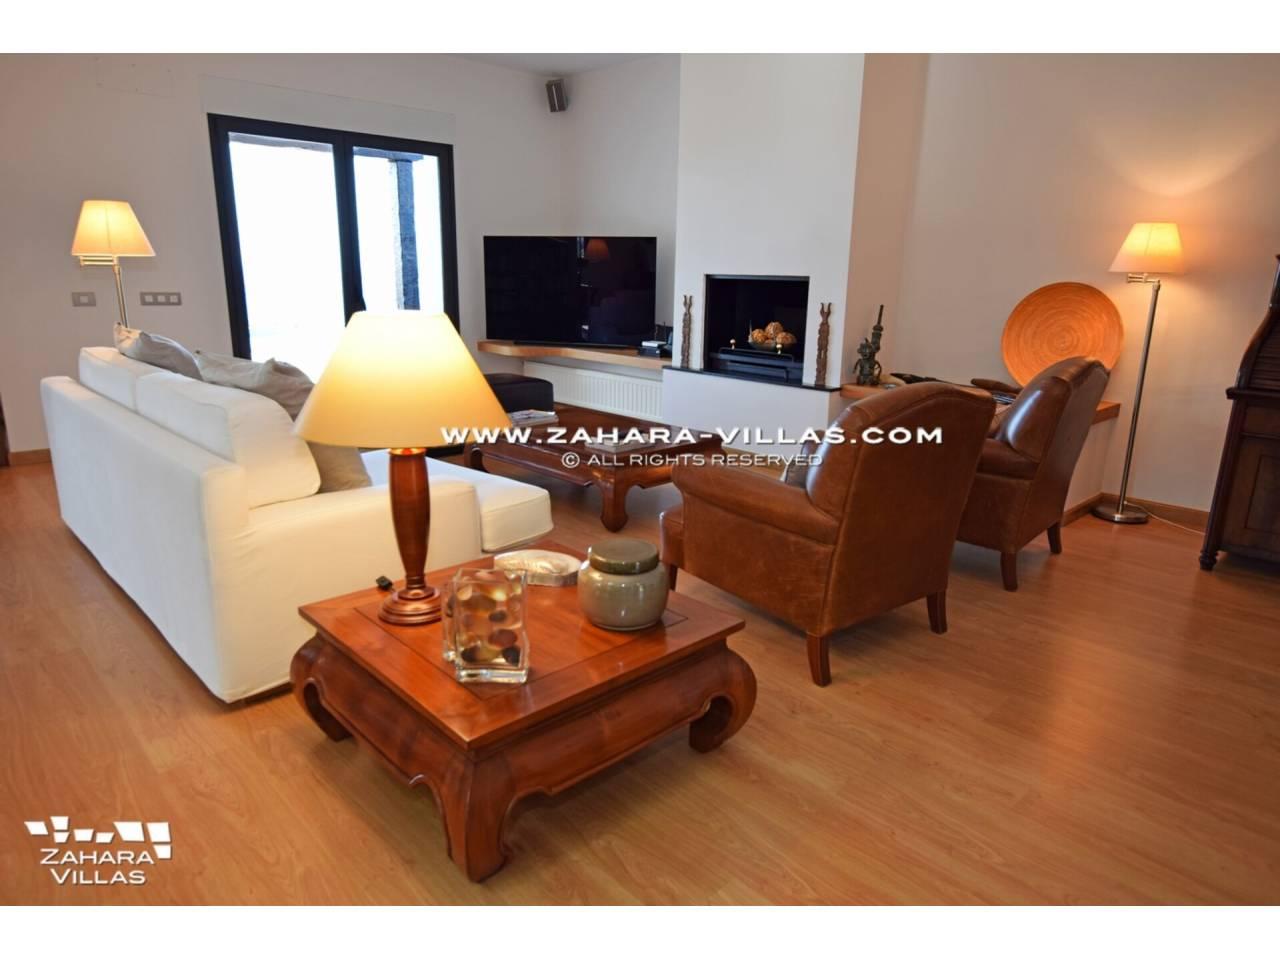 Imagen 14 de Maravilloso Chalet en venta en la zona del Faro Camarinal con vistas panorámicas a la Playa de los Alemanes